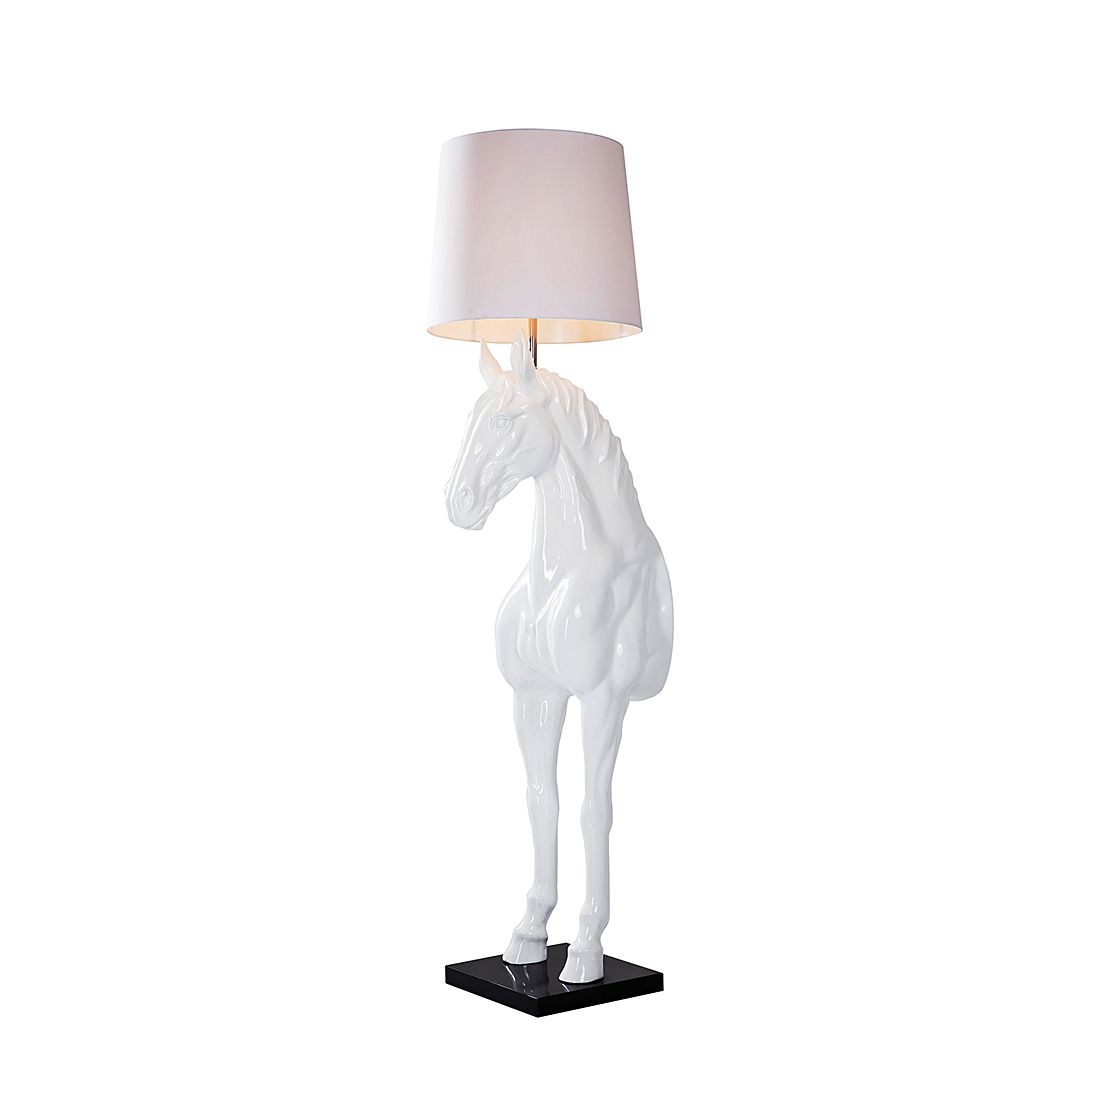 Kare Design Leuchten beleuchtung günstig kaufen über shop24 at shop24